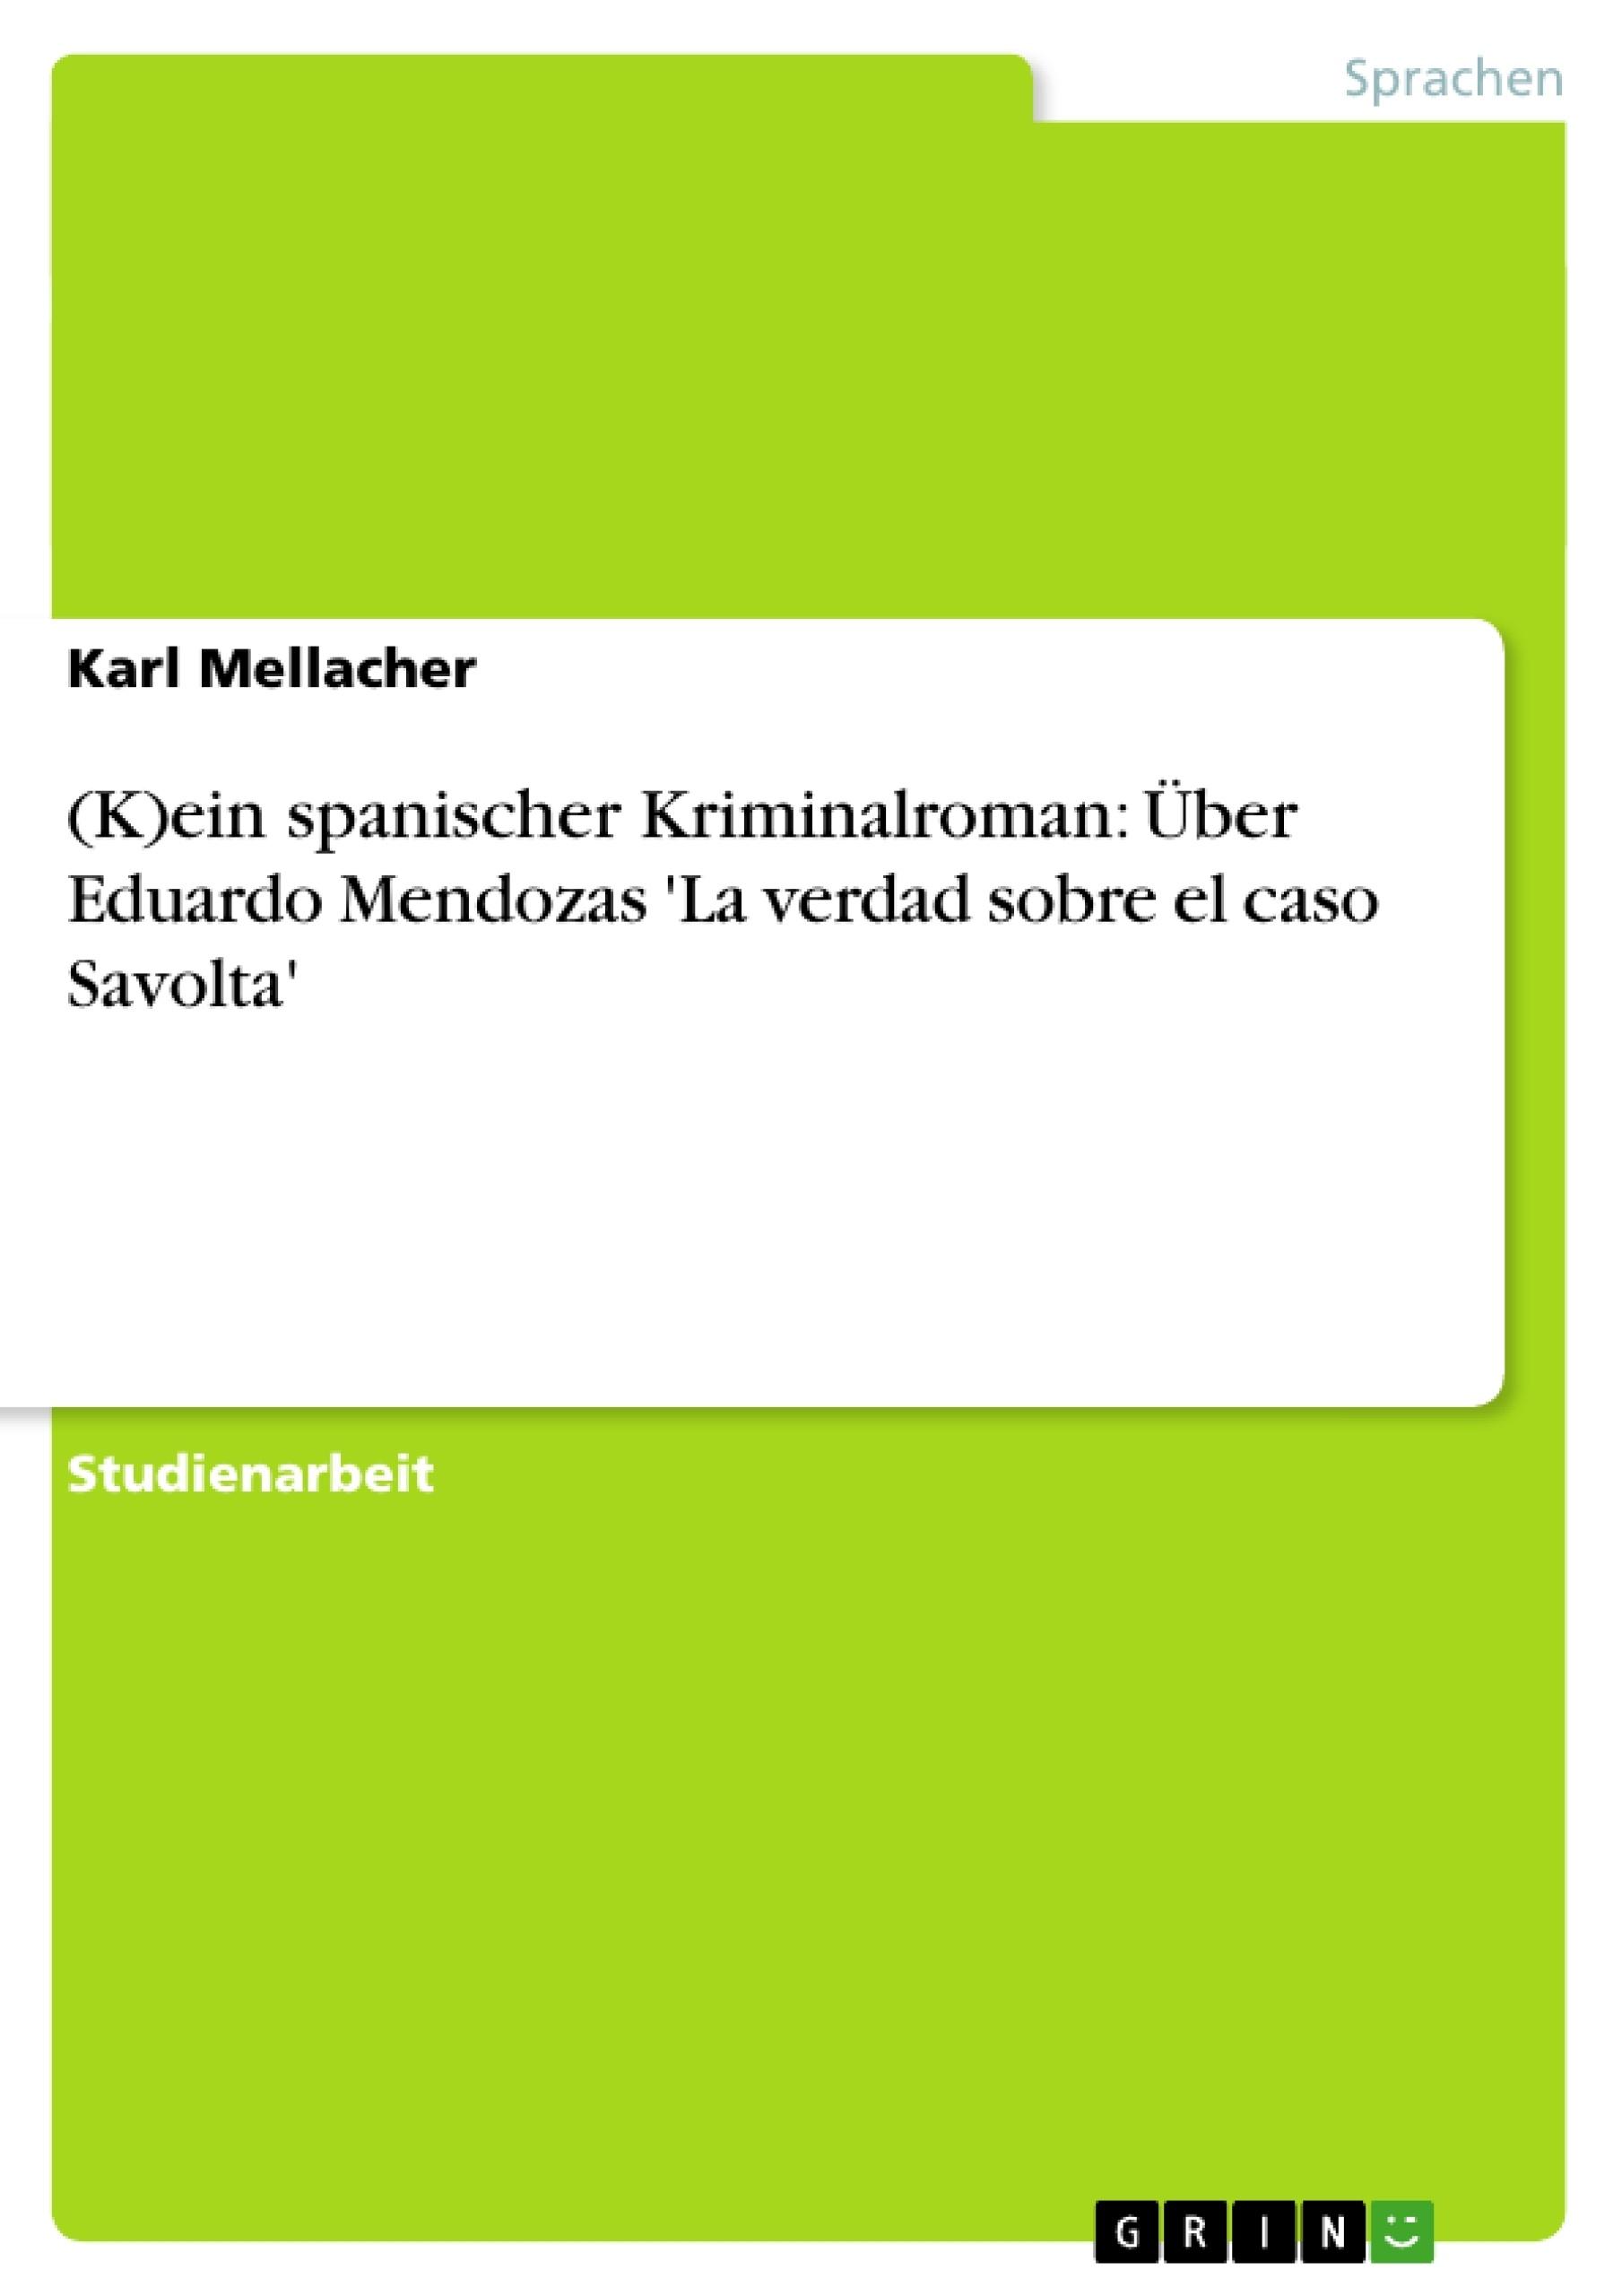 Titel: (K)ein spanischer Kriminalroman: Über Eduardo Mendozas 'La verdad sobre el caso Savolta'